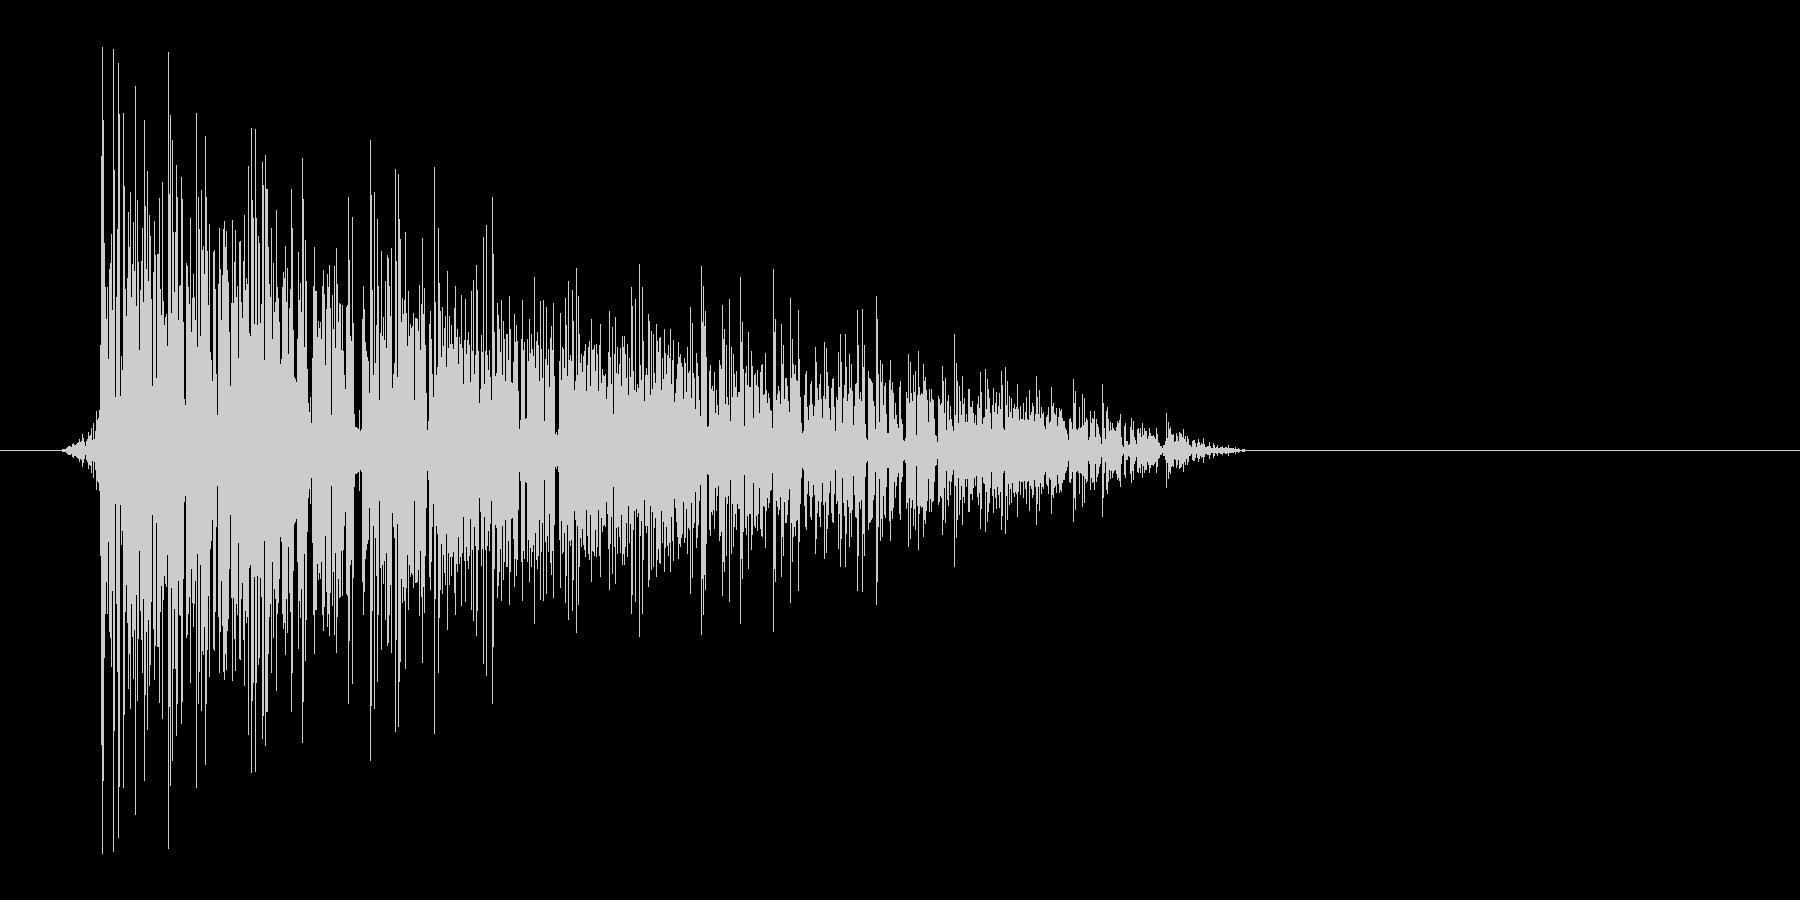 ゲーム(ファミコン風)爆発音_031の未再生の波形